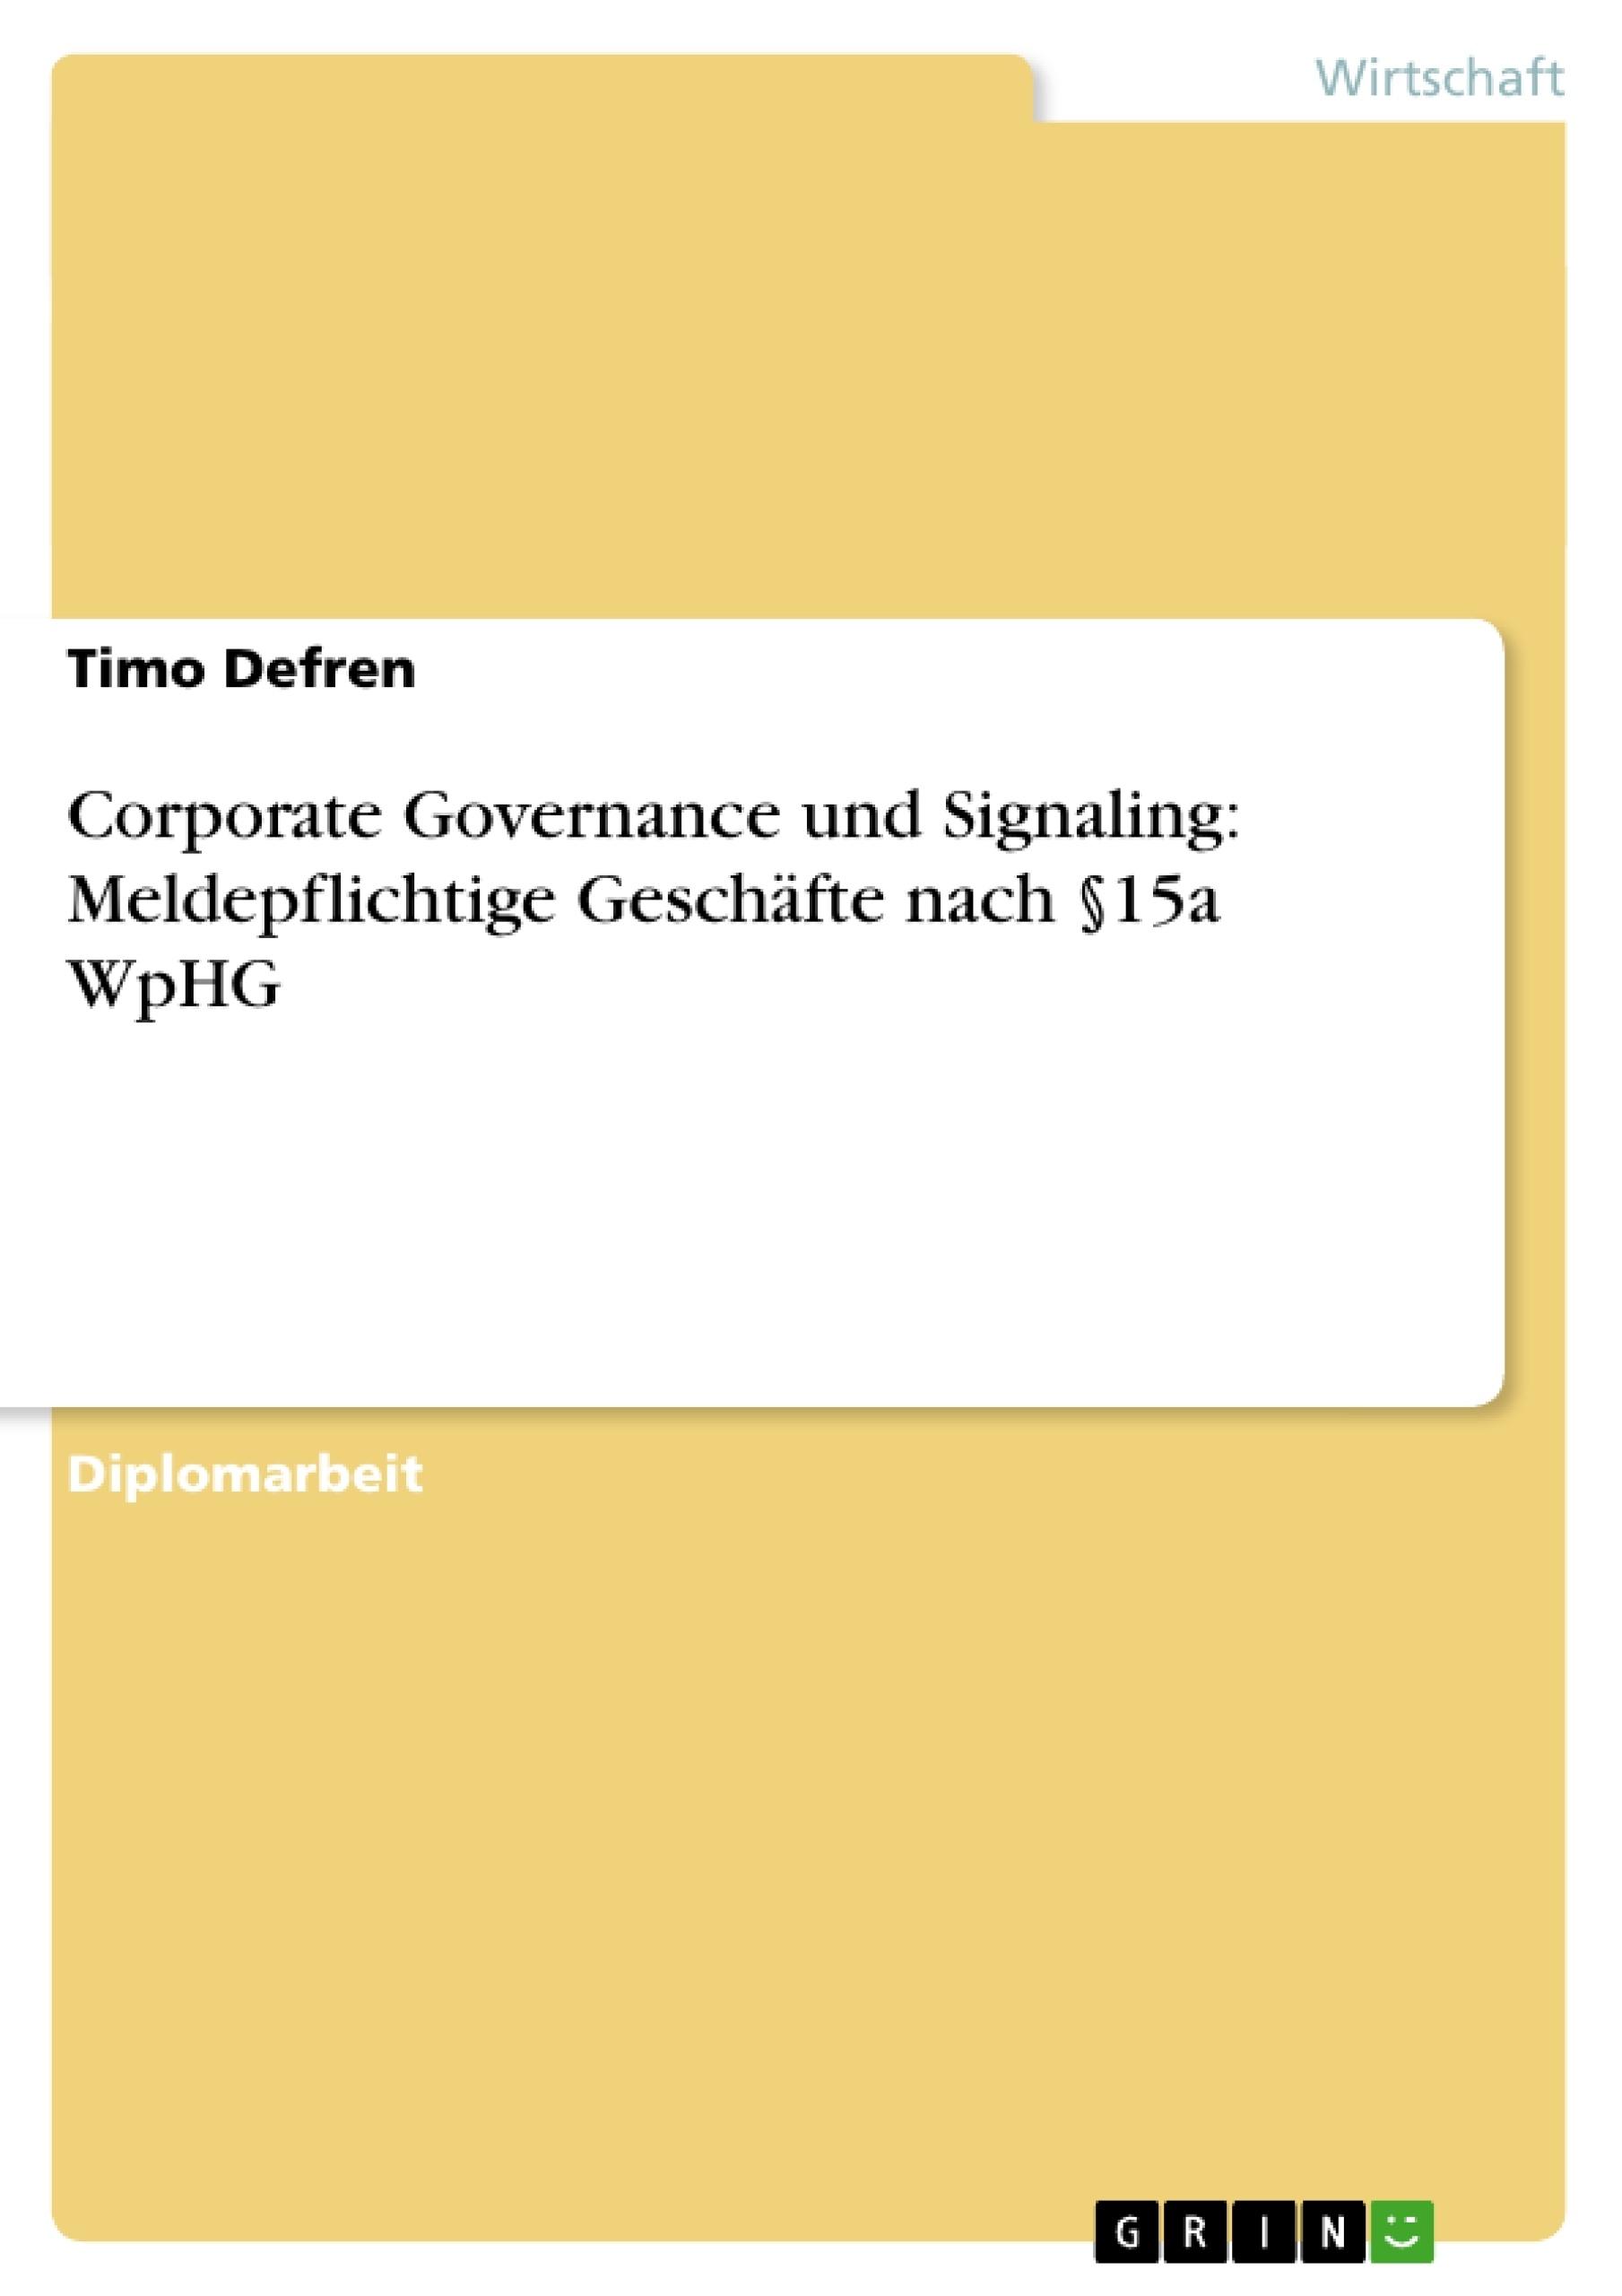 Titel: Corporate Governance und Signaling: Meldepflichtige Geschäfte nach §15a WpHG